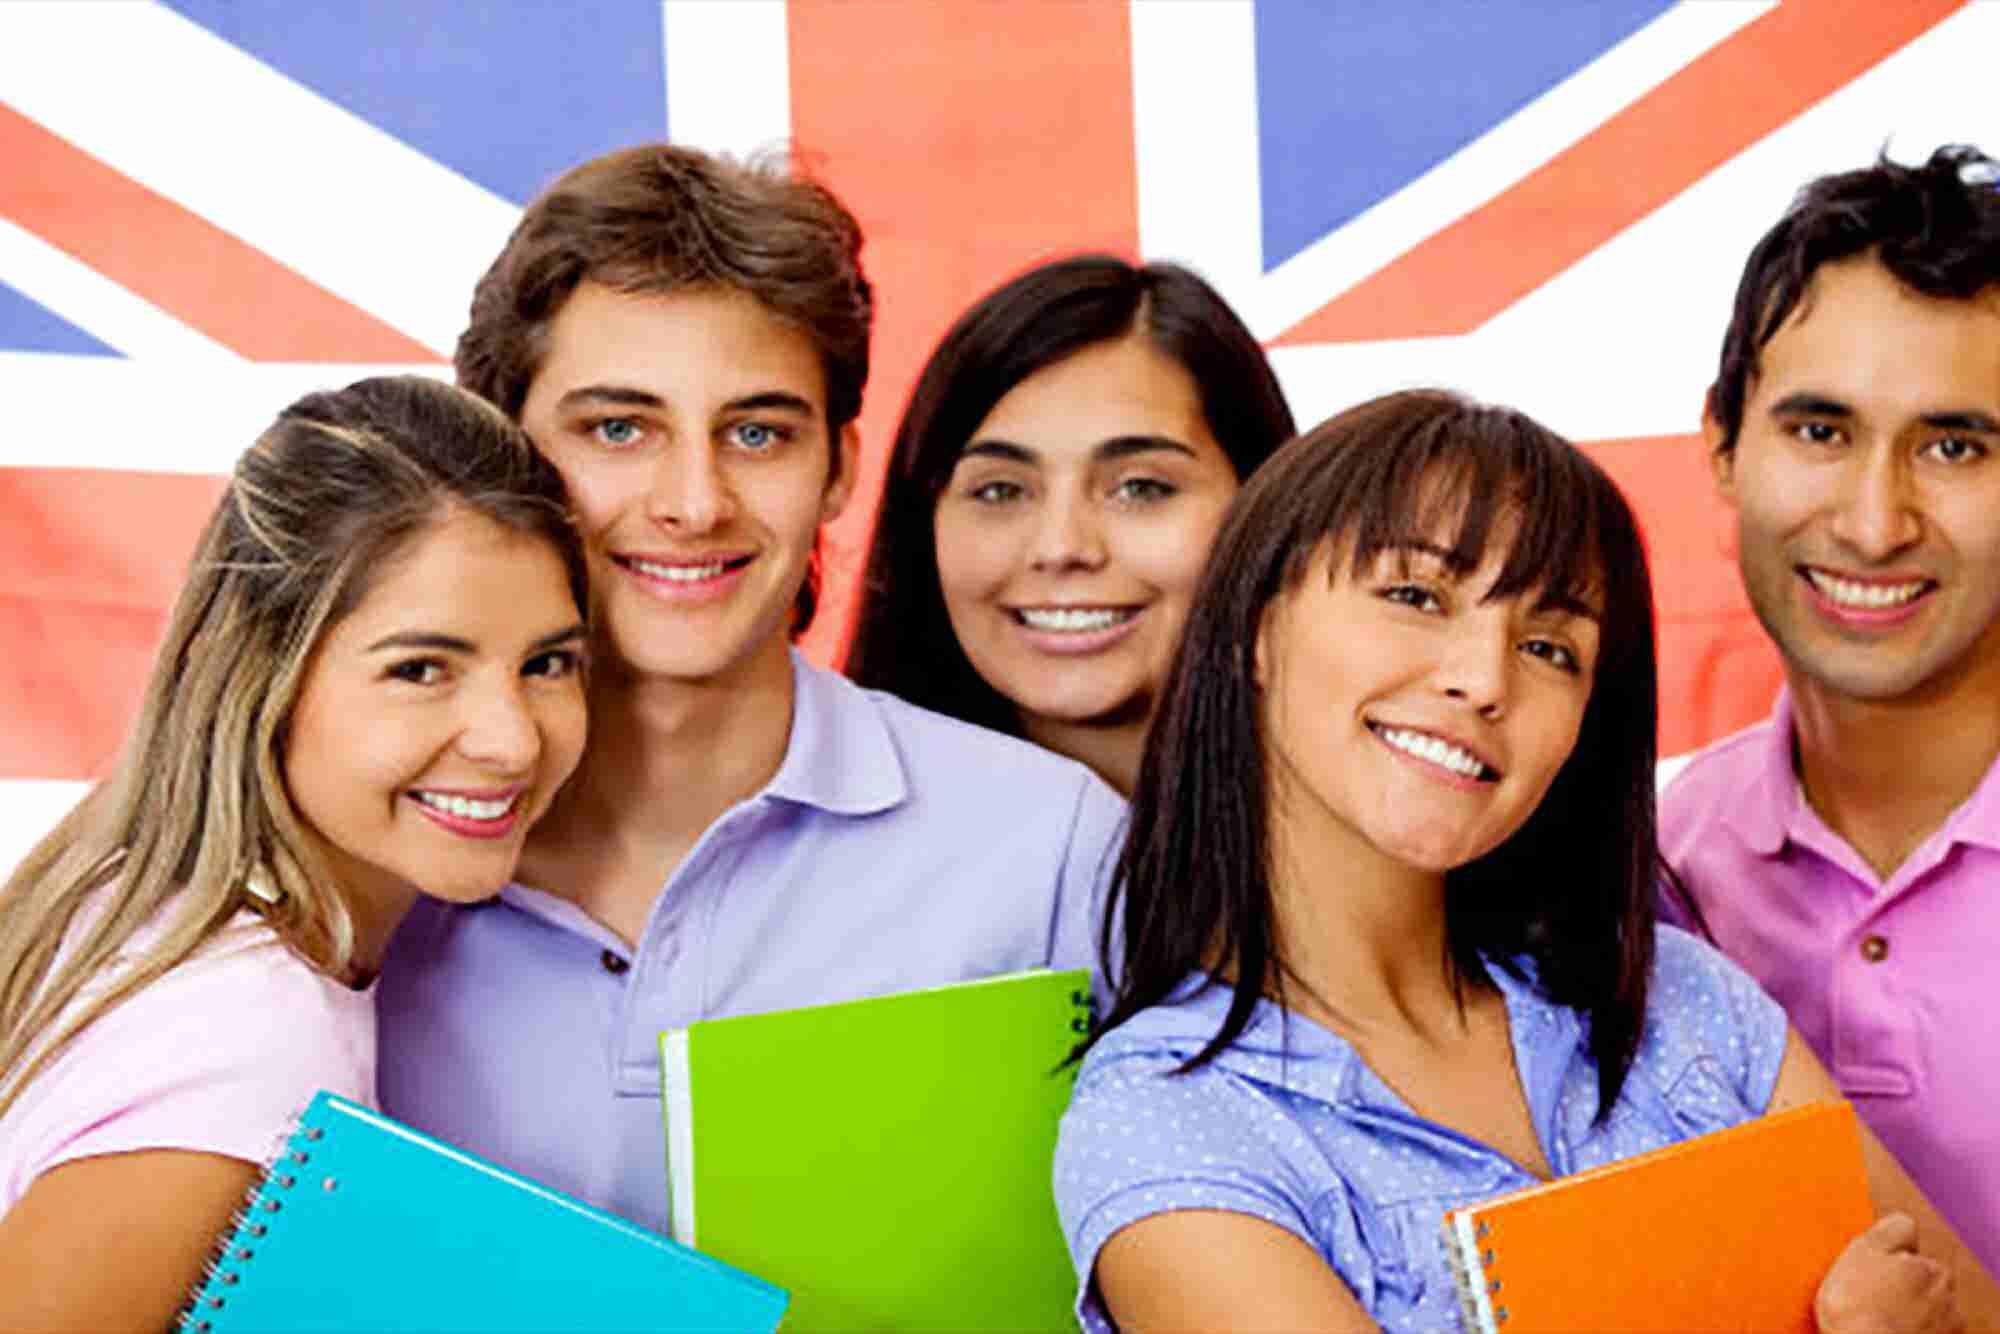 Club de conversaciones en inglés